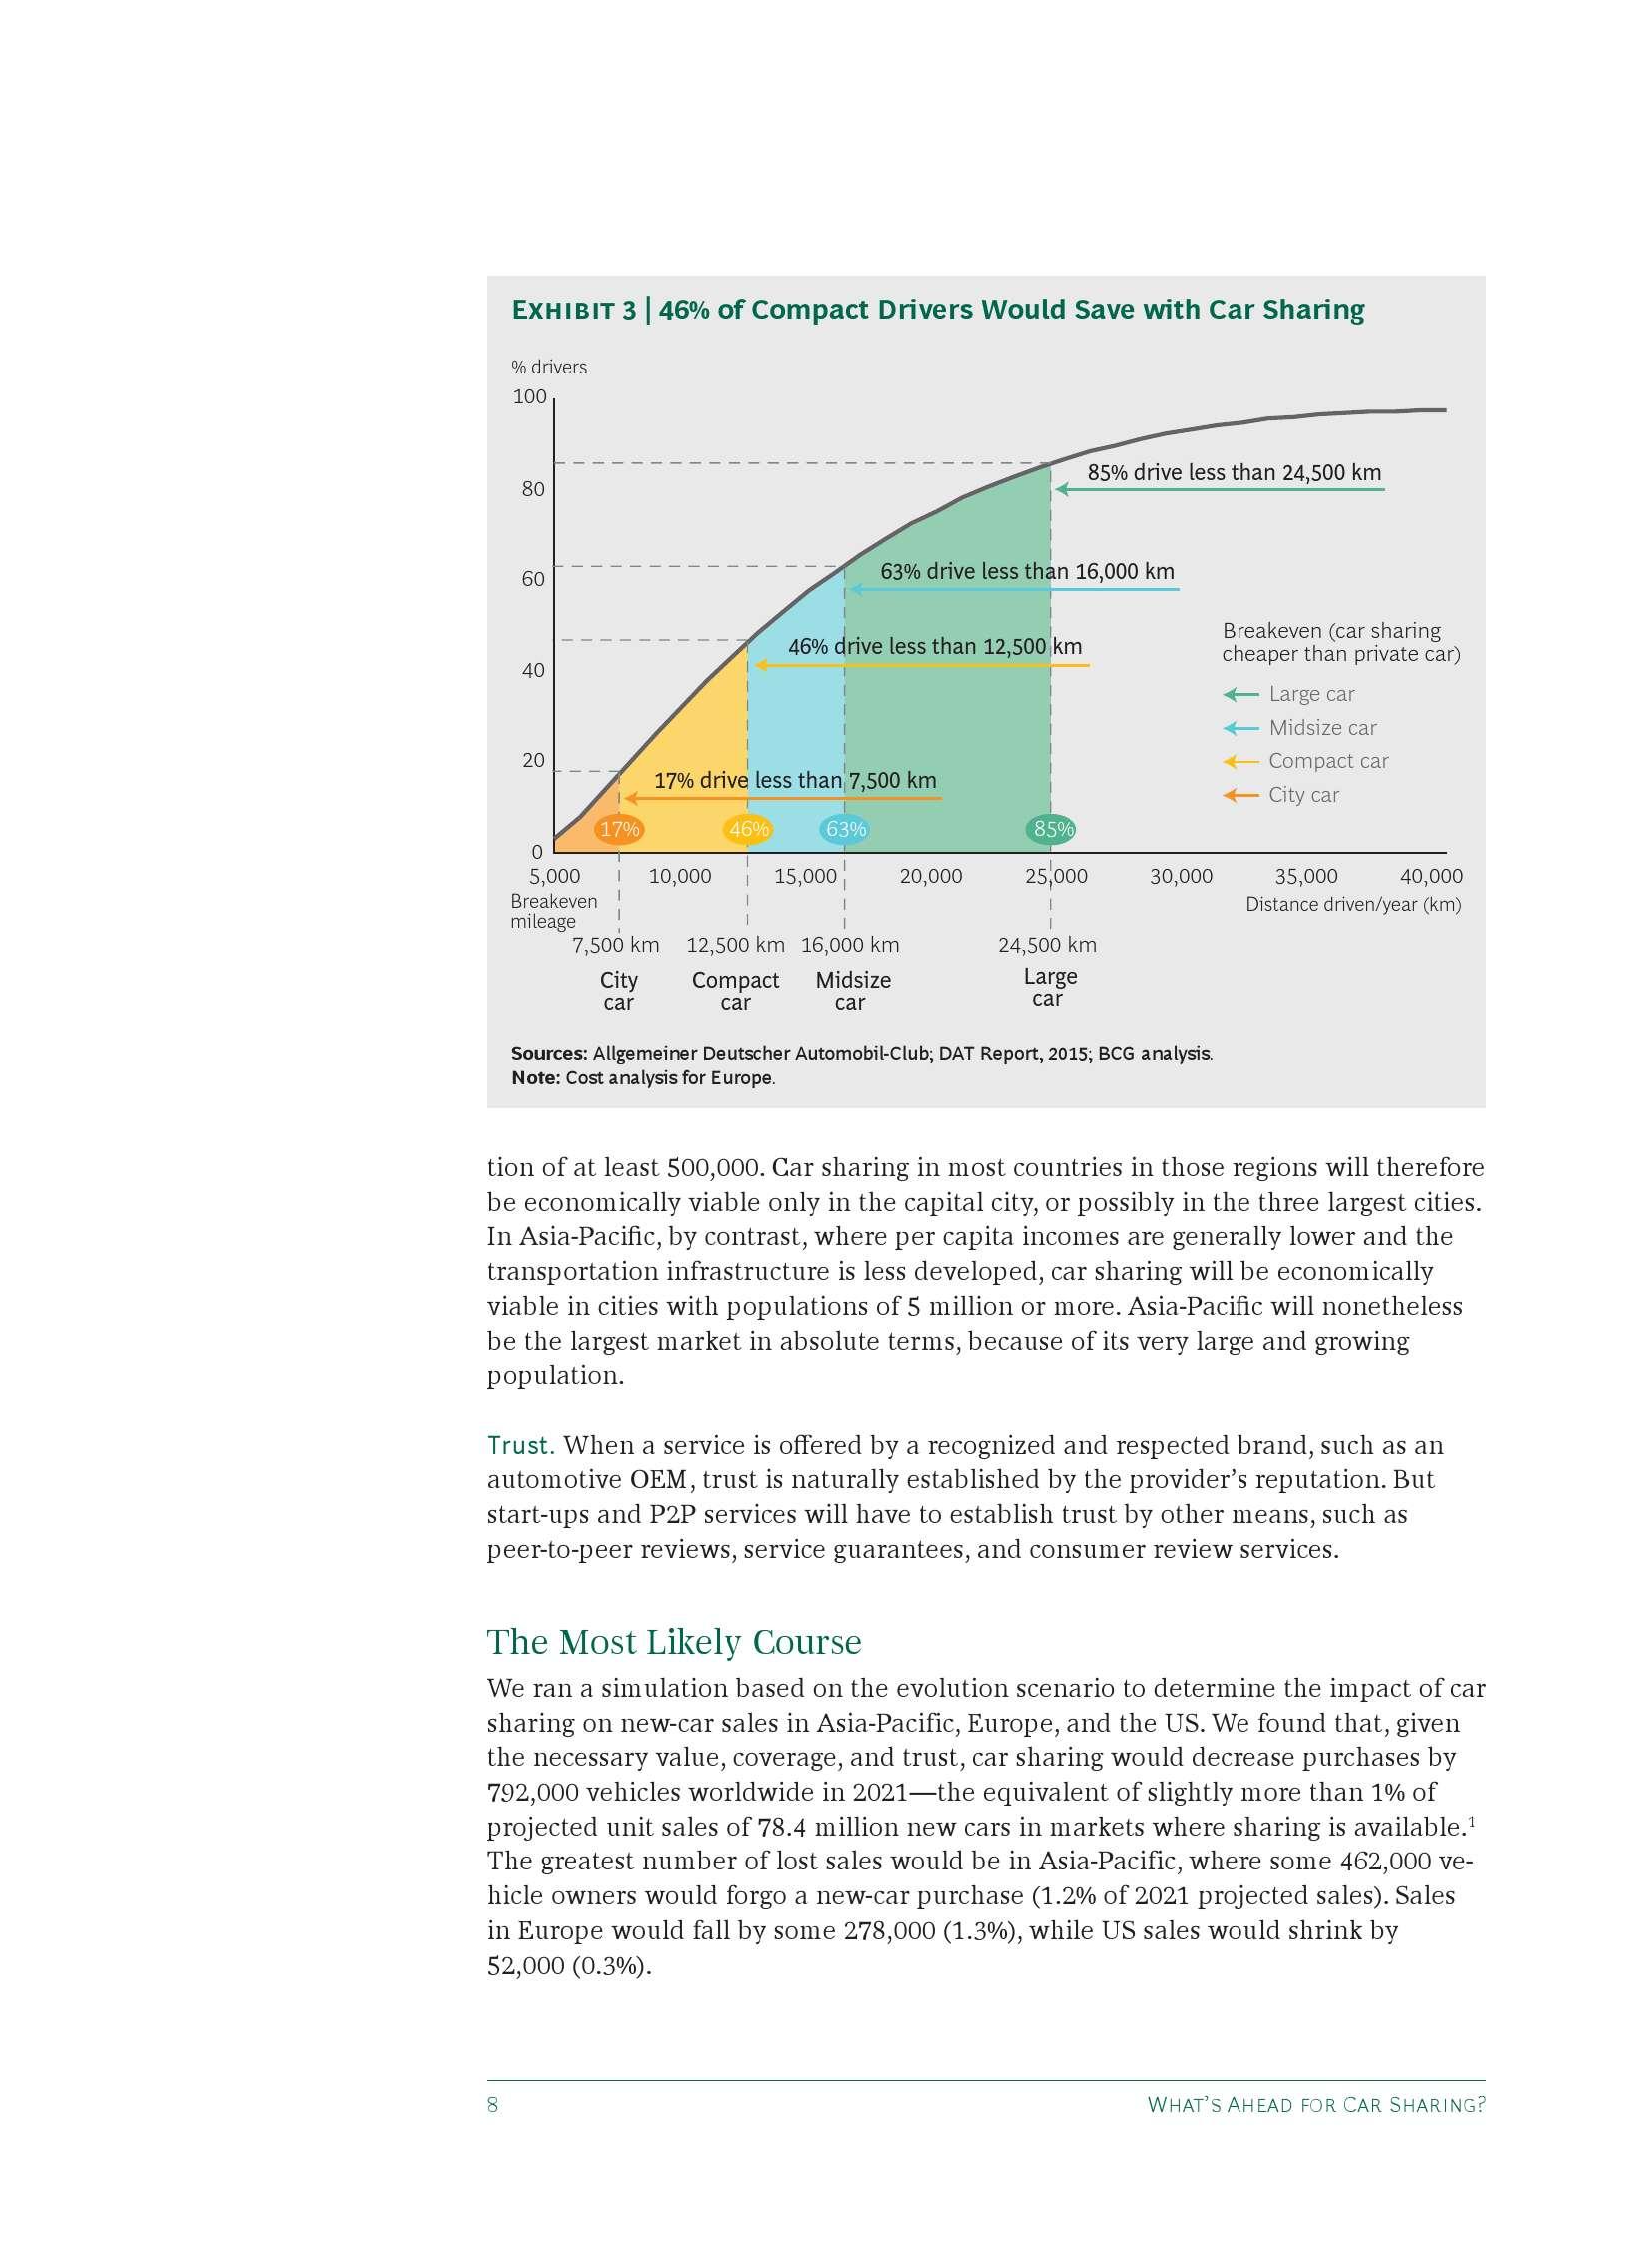 汽车共享新前景:新型出行方式对汽车销量的影响_000010